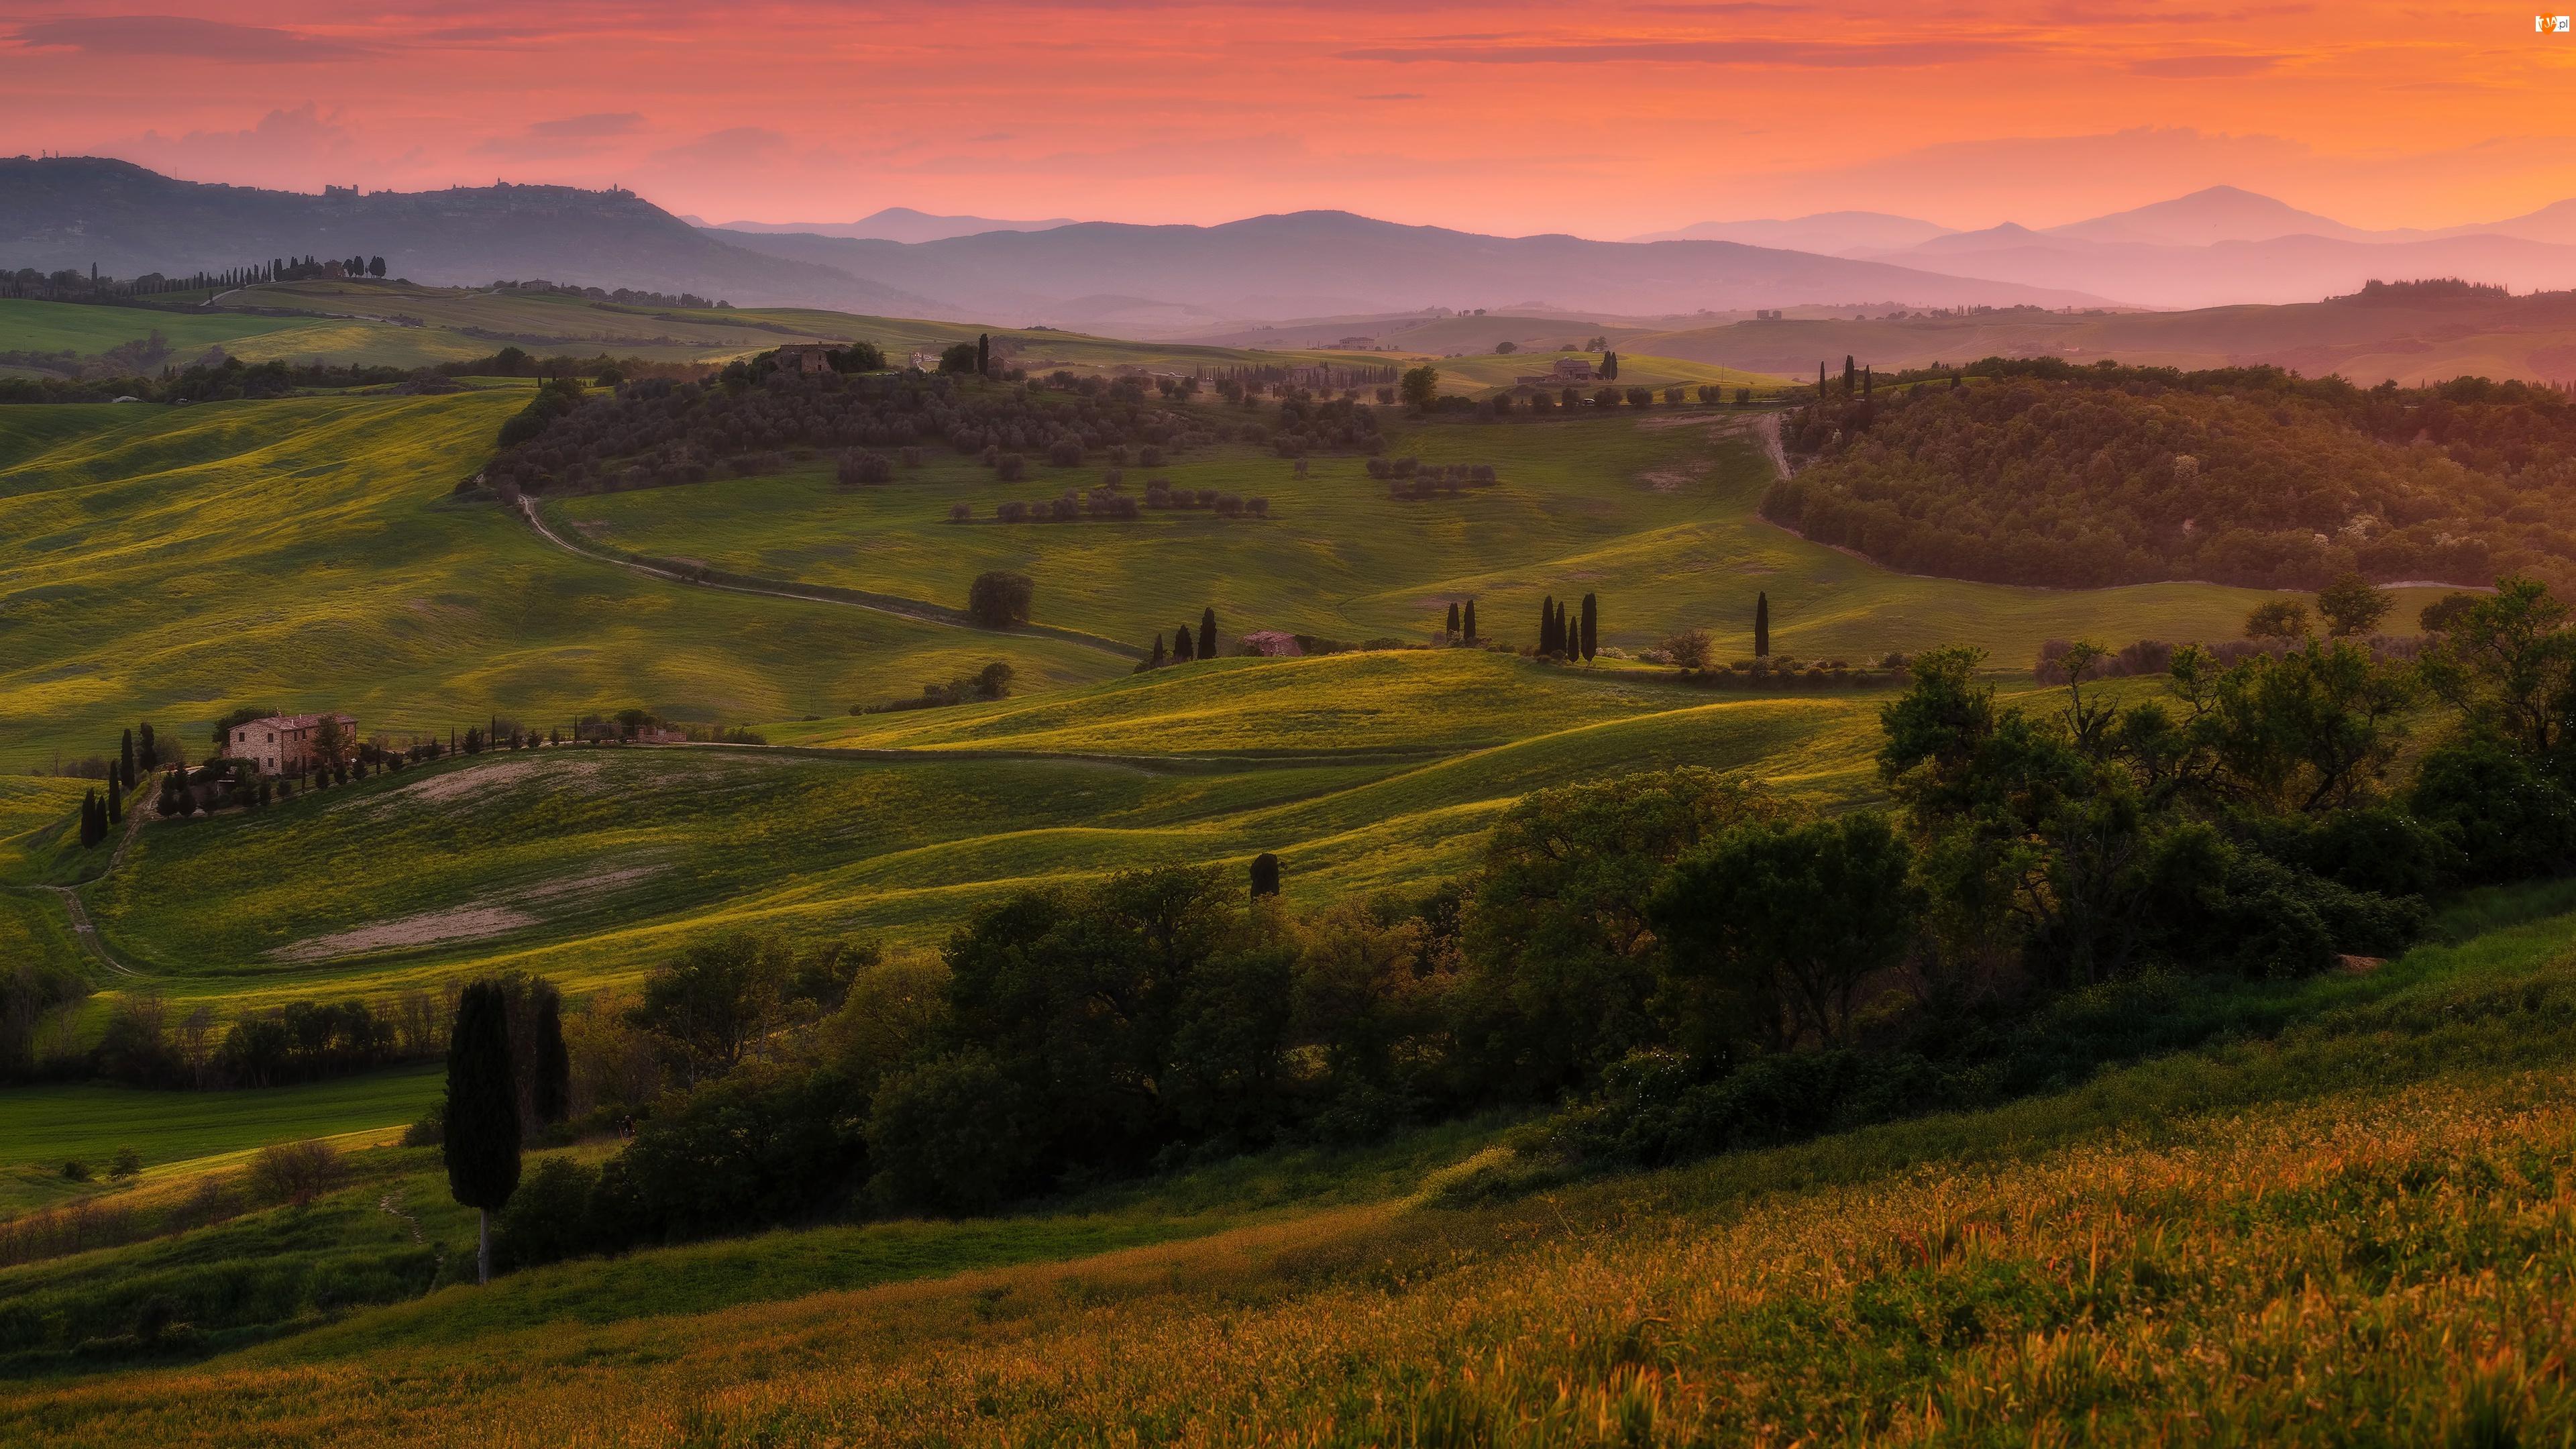 Toskania, Pola, Mgła, Włochy, Zachód słońca, Cyprysy, Drzewa